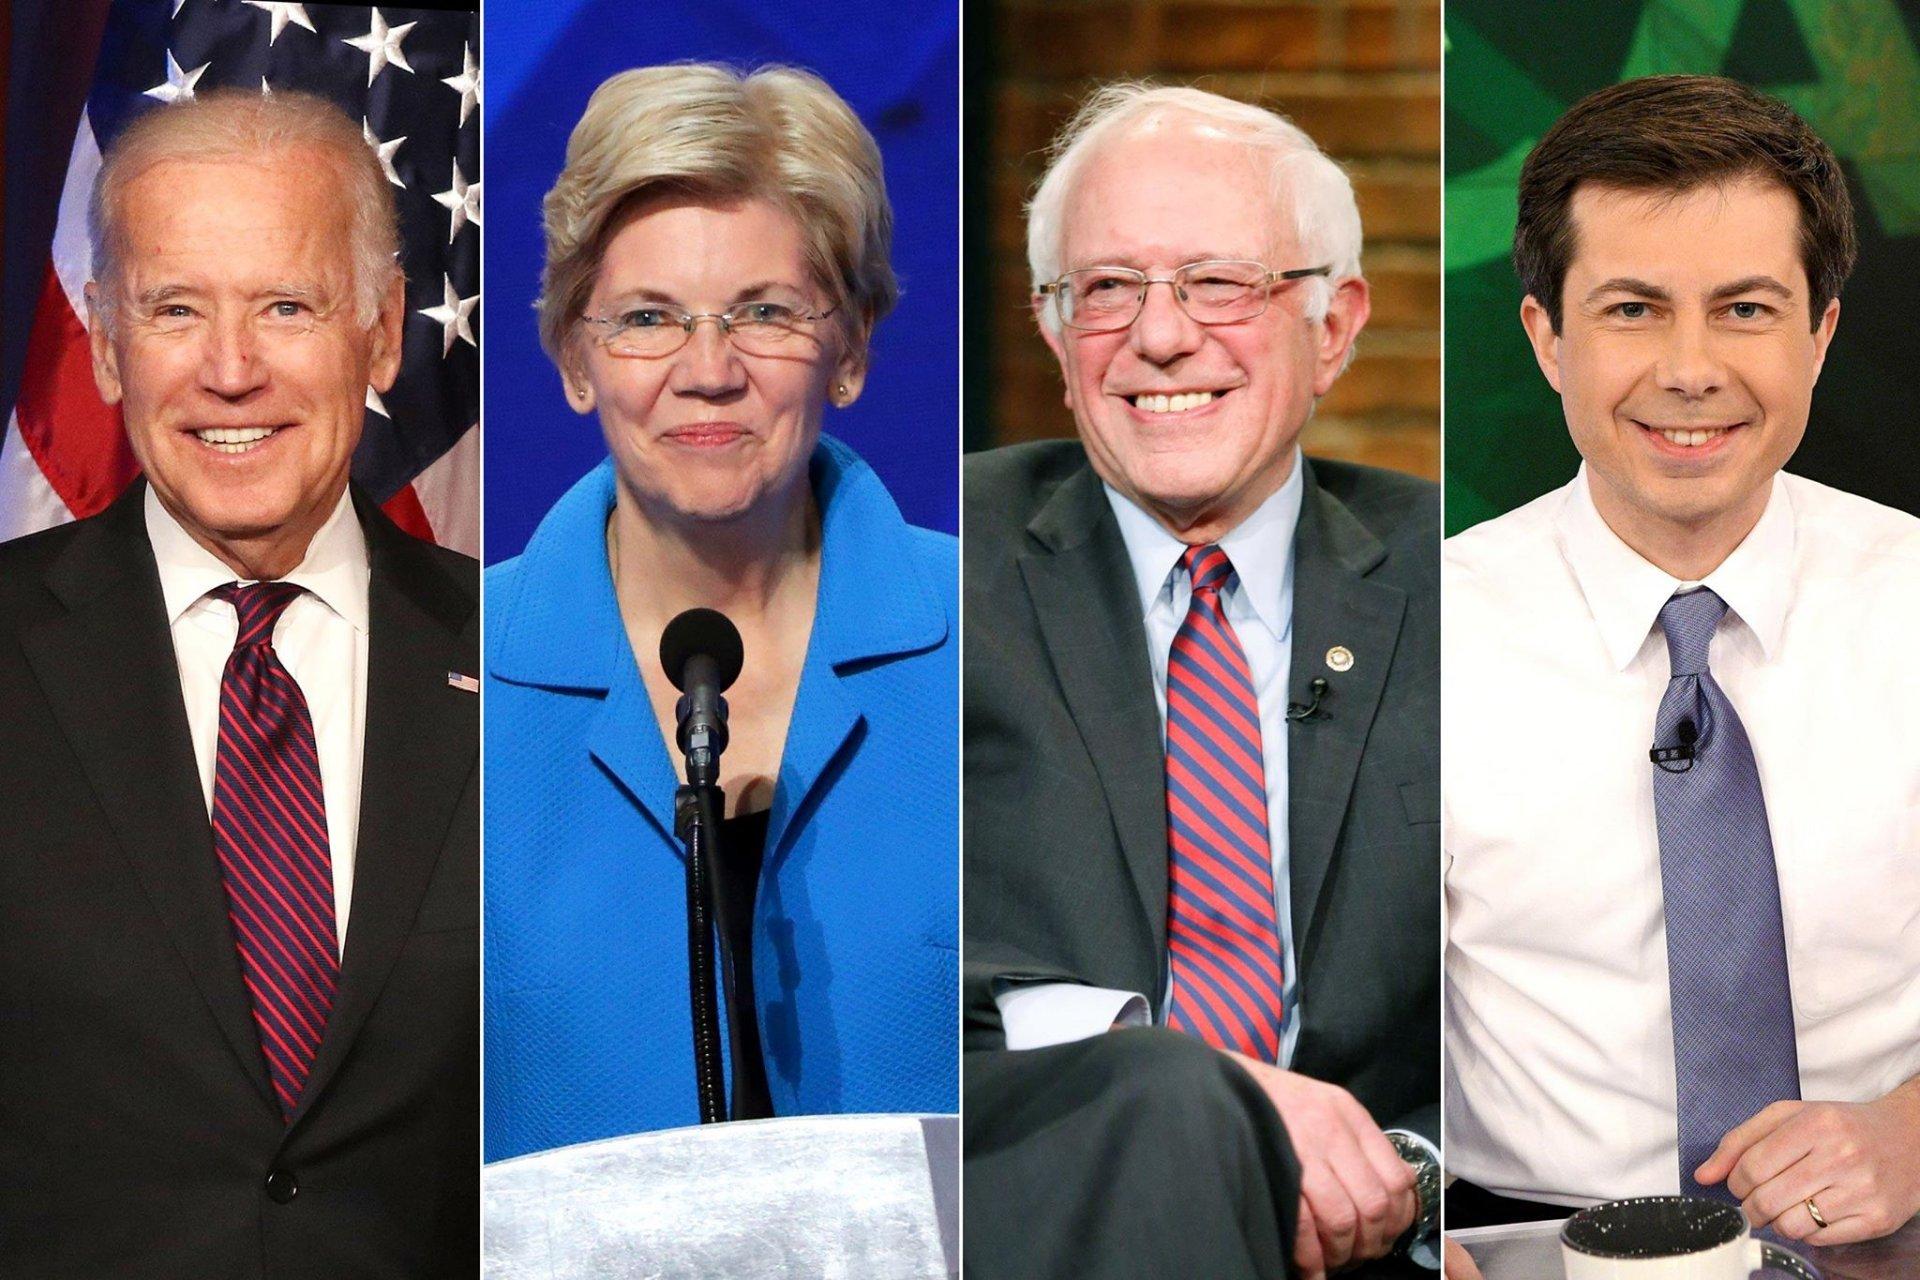 АНУ-ын ерөнхийлөгчийн сонгуульд нэр дэвшигчид татварыг нэмэх хэрэгтэй гэв